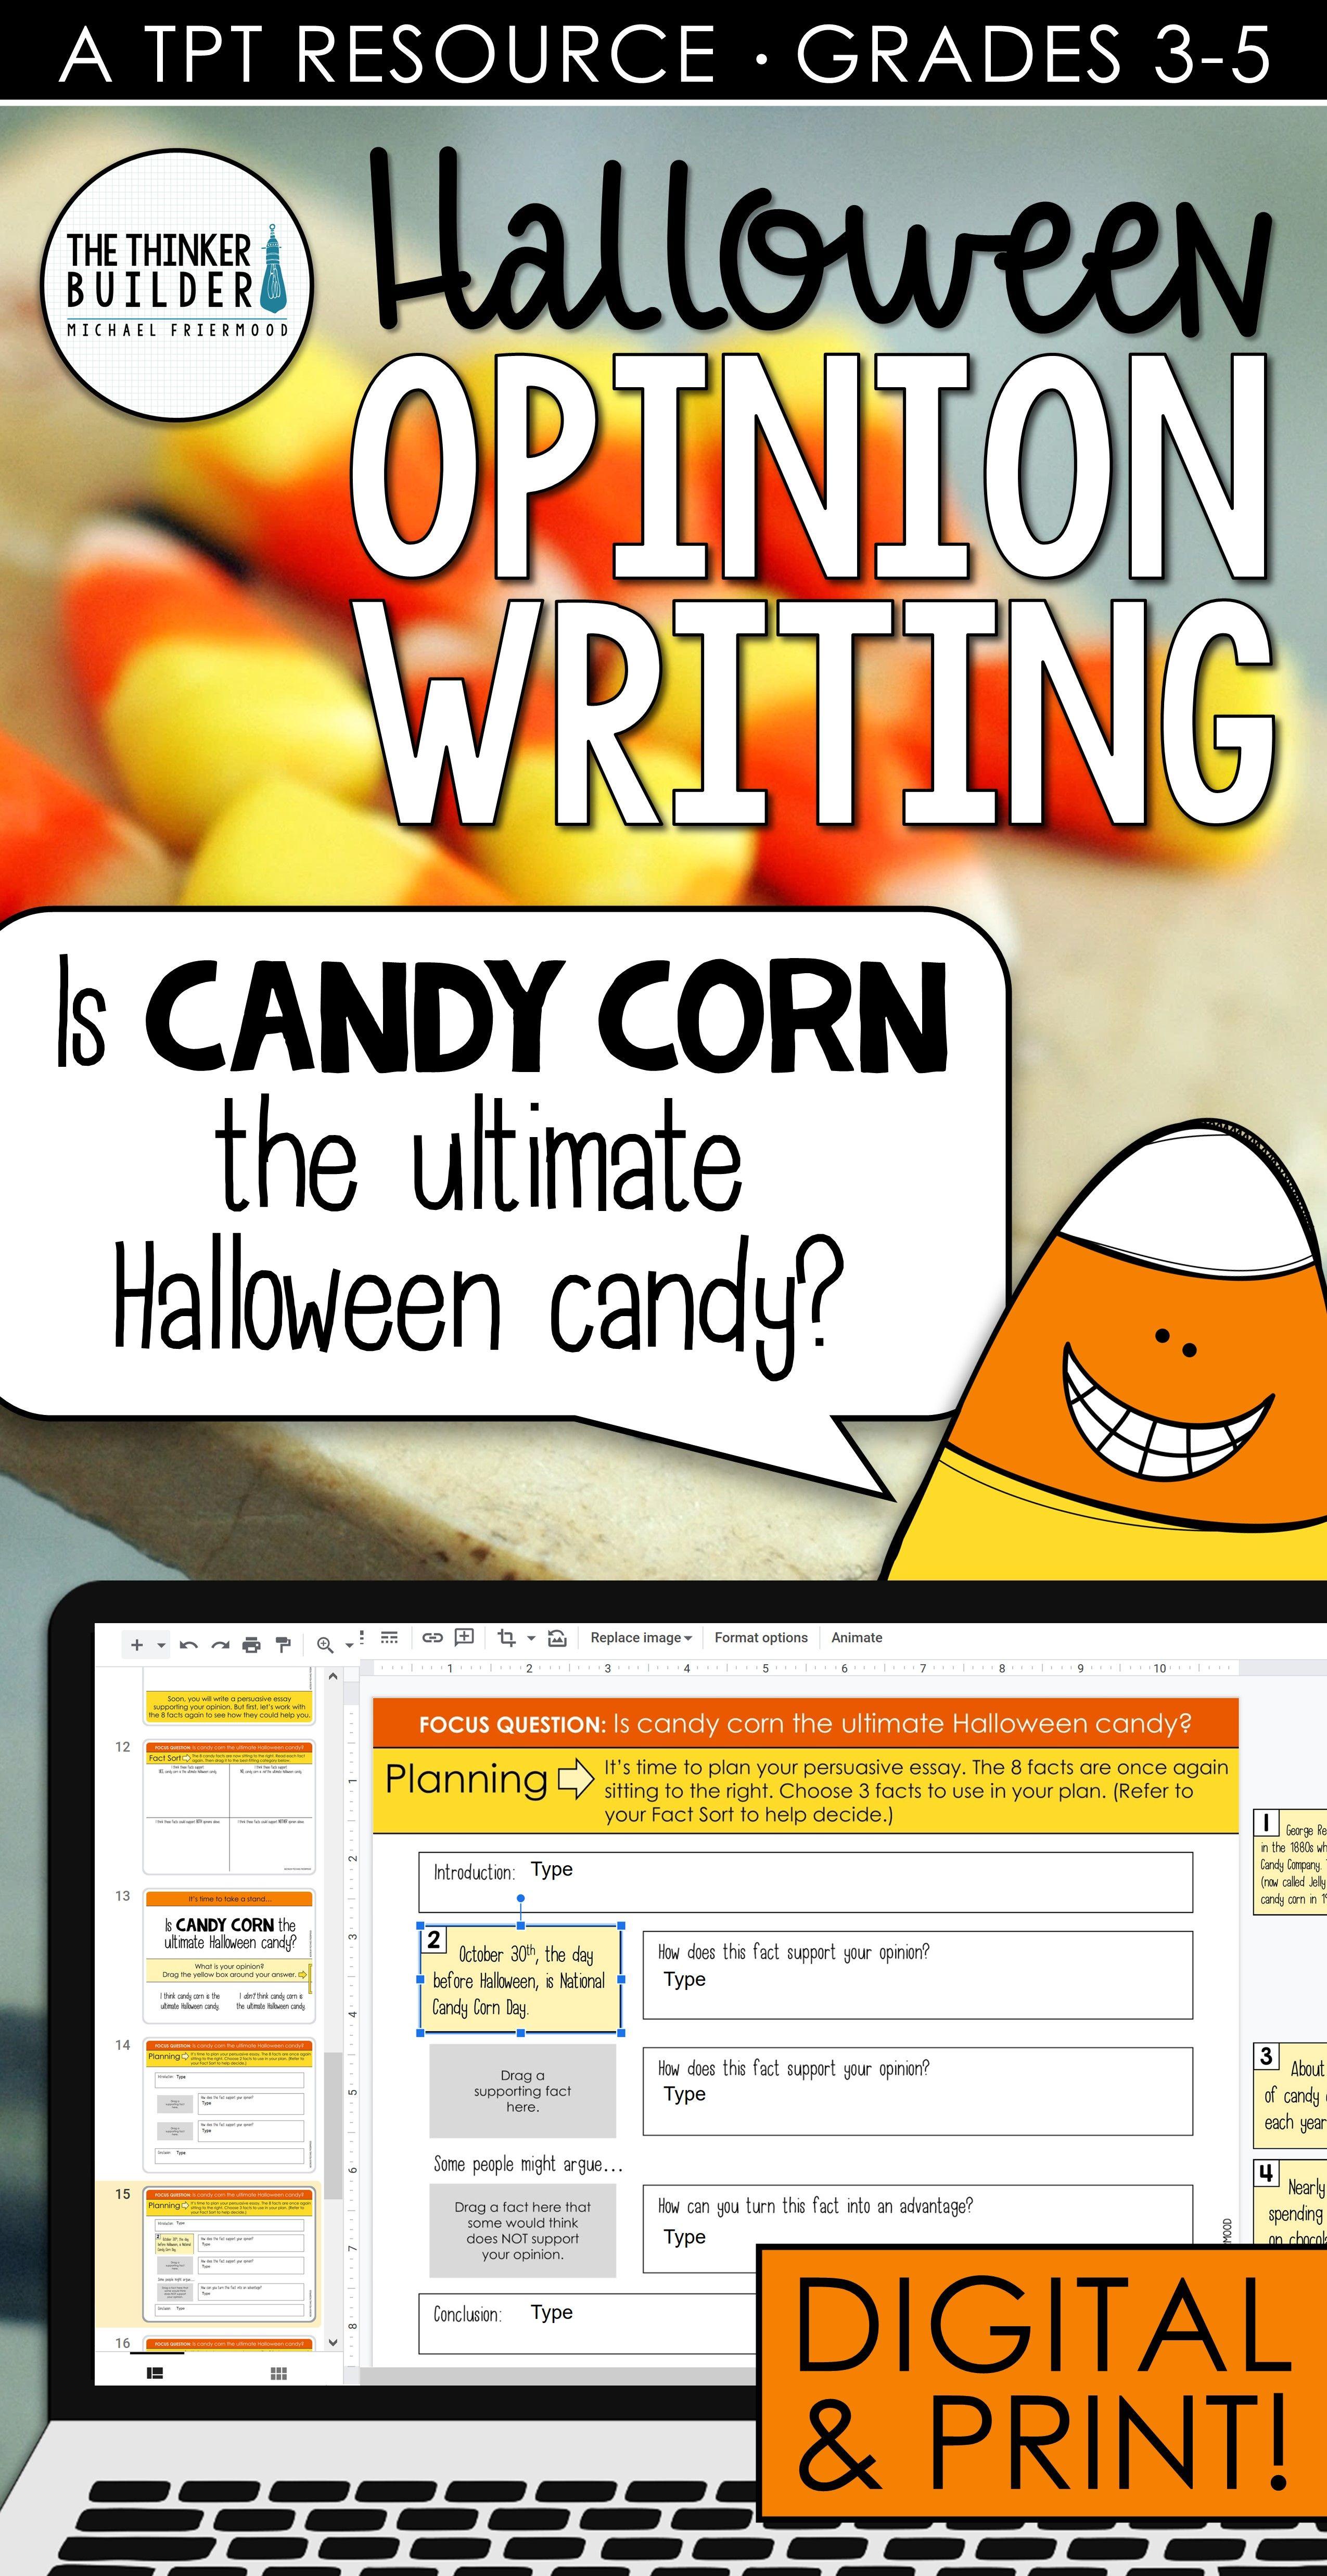 Halloween 2020 Opinion Halloween Opinion Writing in 2020 | Opinion writing, Opinion